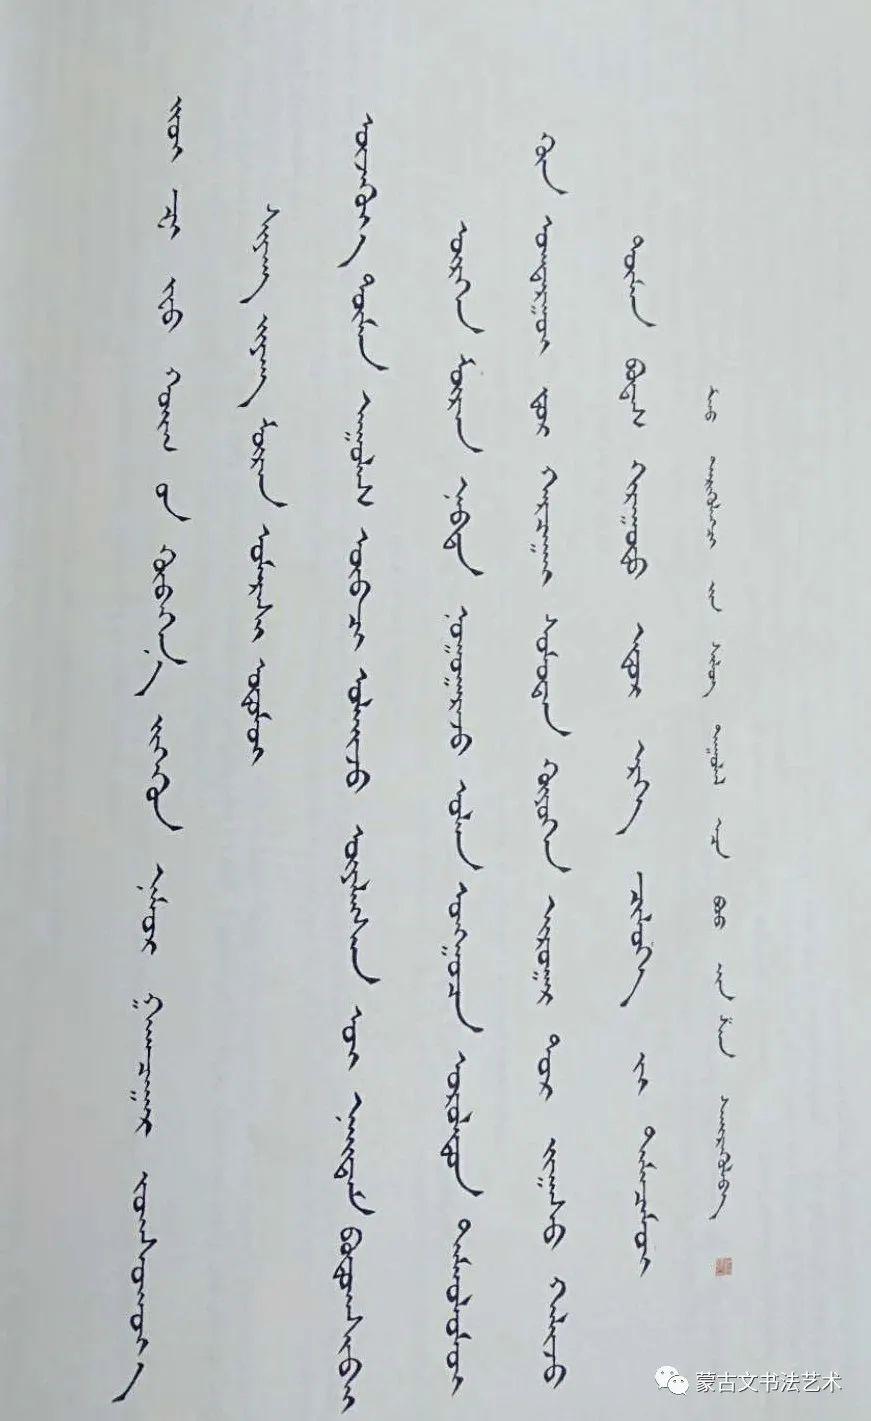 白布和新著作《蒙古文书法百问百答》中的书法作品 第9张 白布和新著作《蒙古文书法百问百答》中的书法作品 蒙古书法